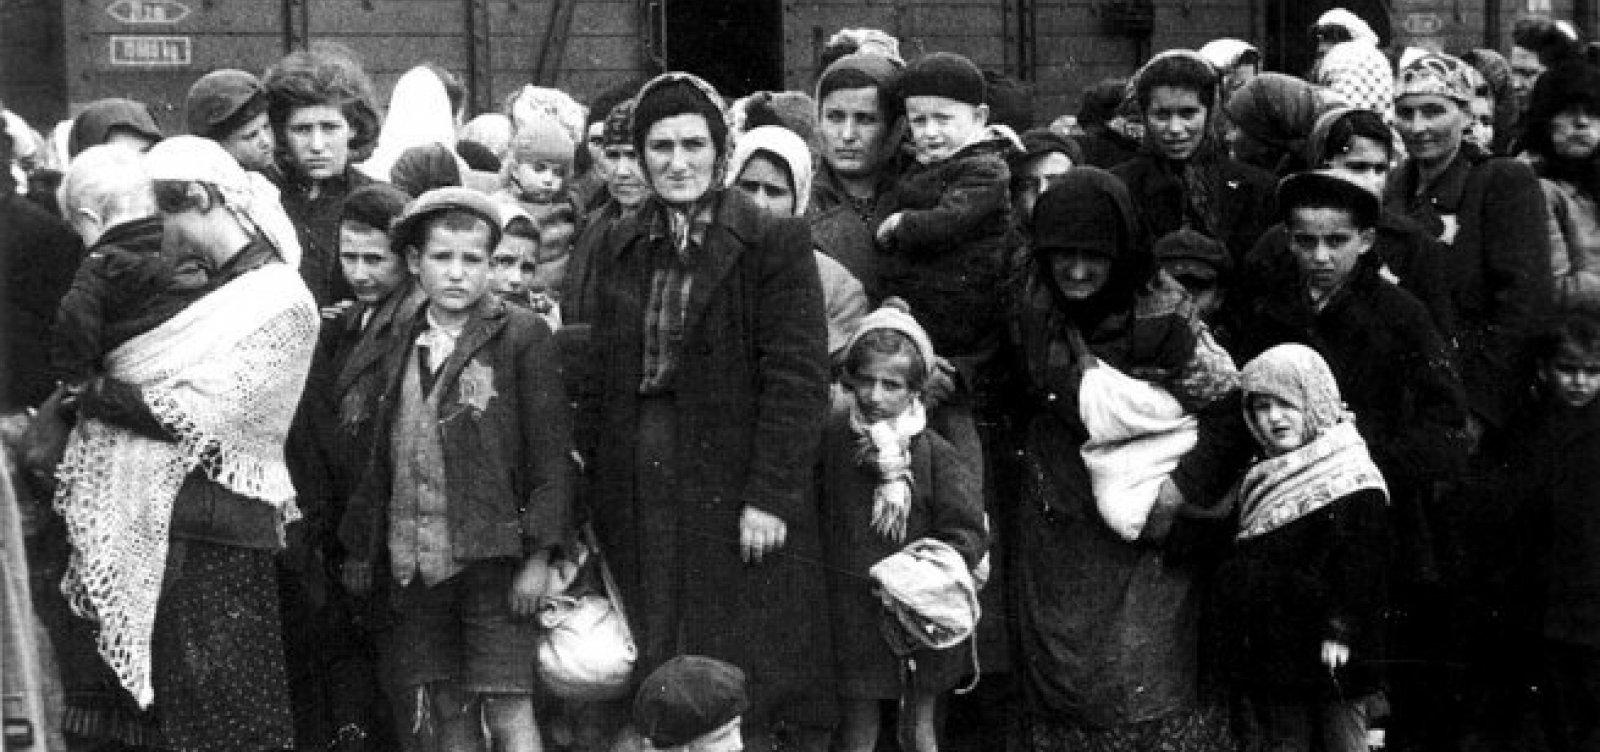 [Dia Internacional em Memória das Vítimas do Holocausto é celebrado nesta quarta-feira]